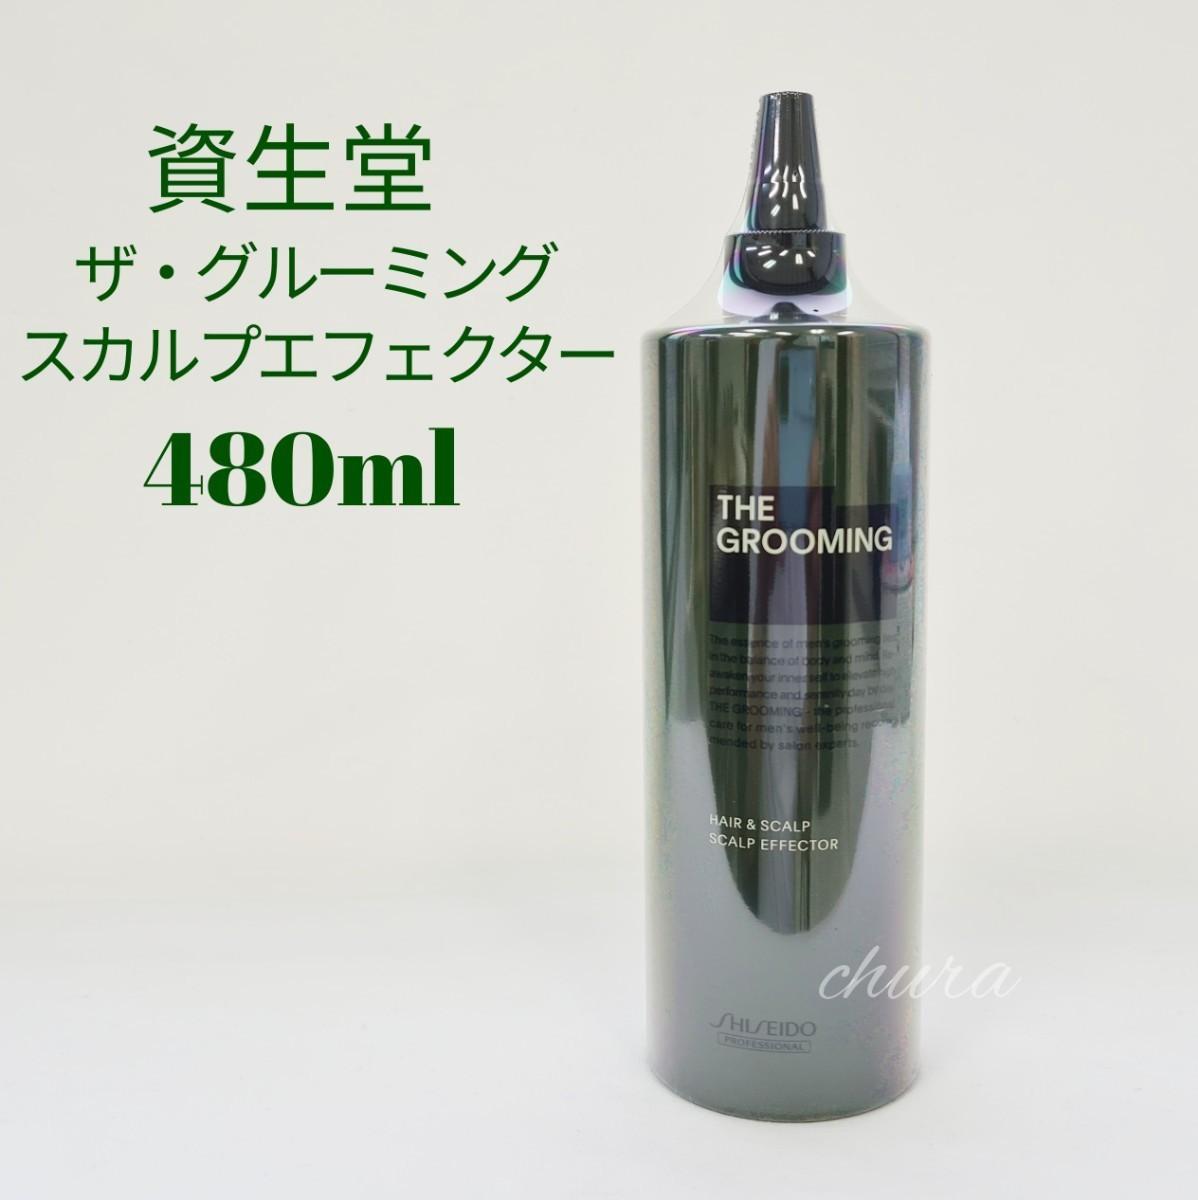 限定セール!【資生堂】ザ・グルーミング  スカルプエフェクター480ml詰め替え用